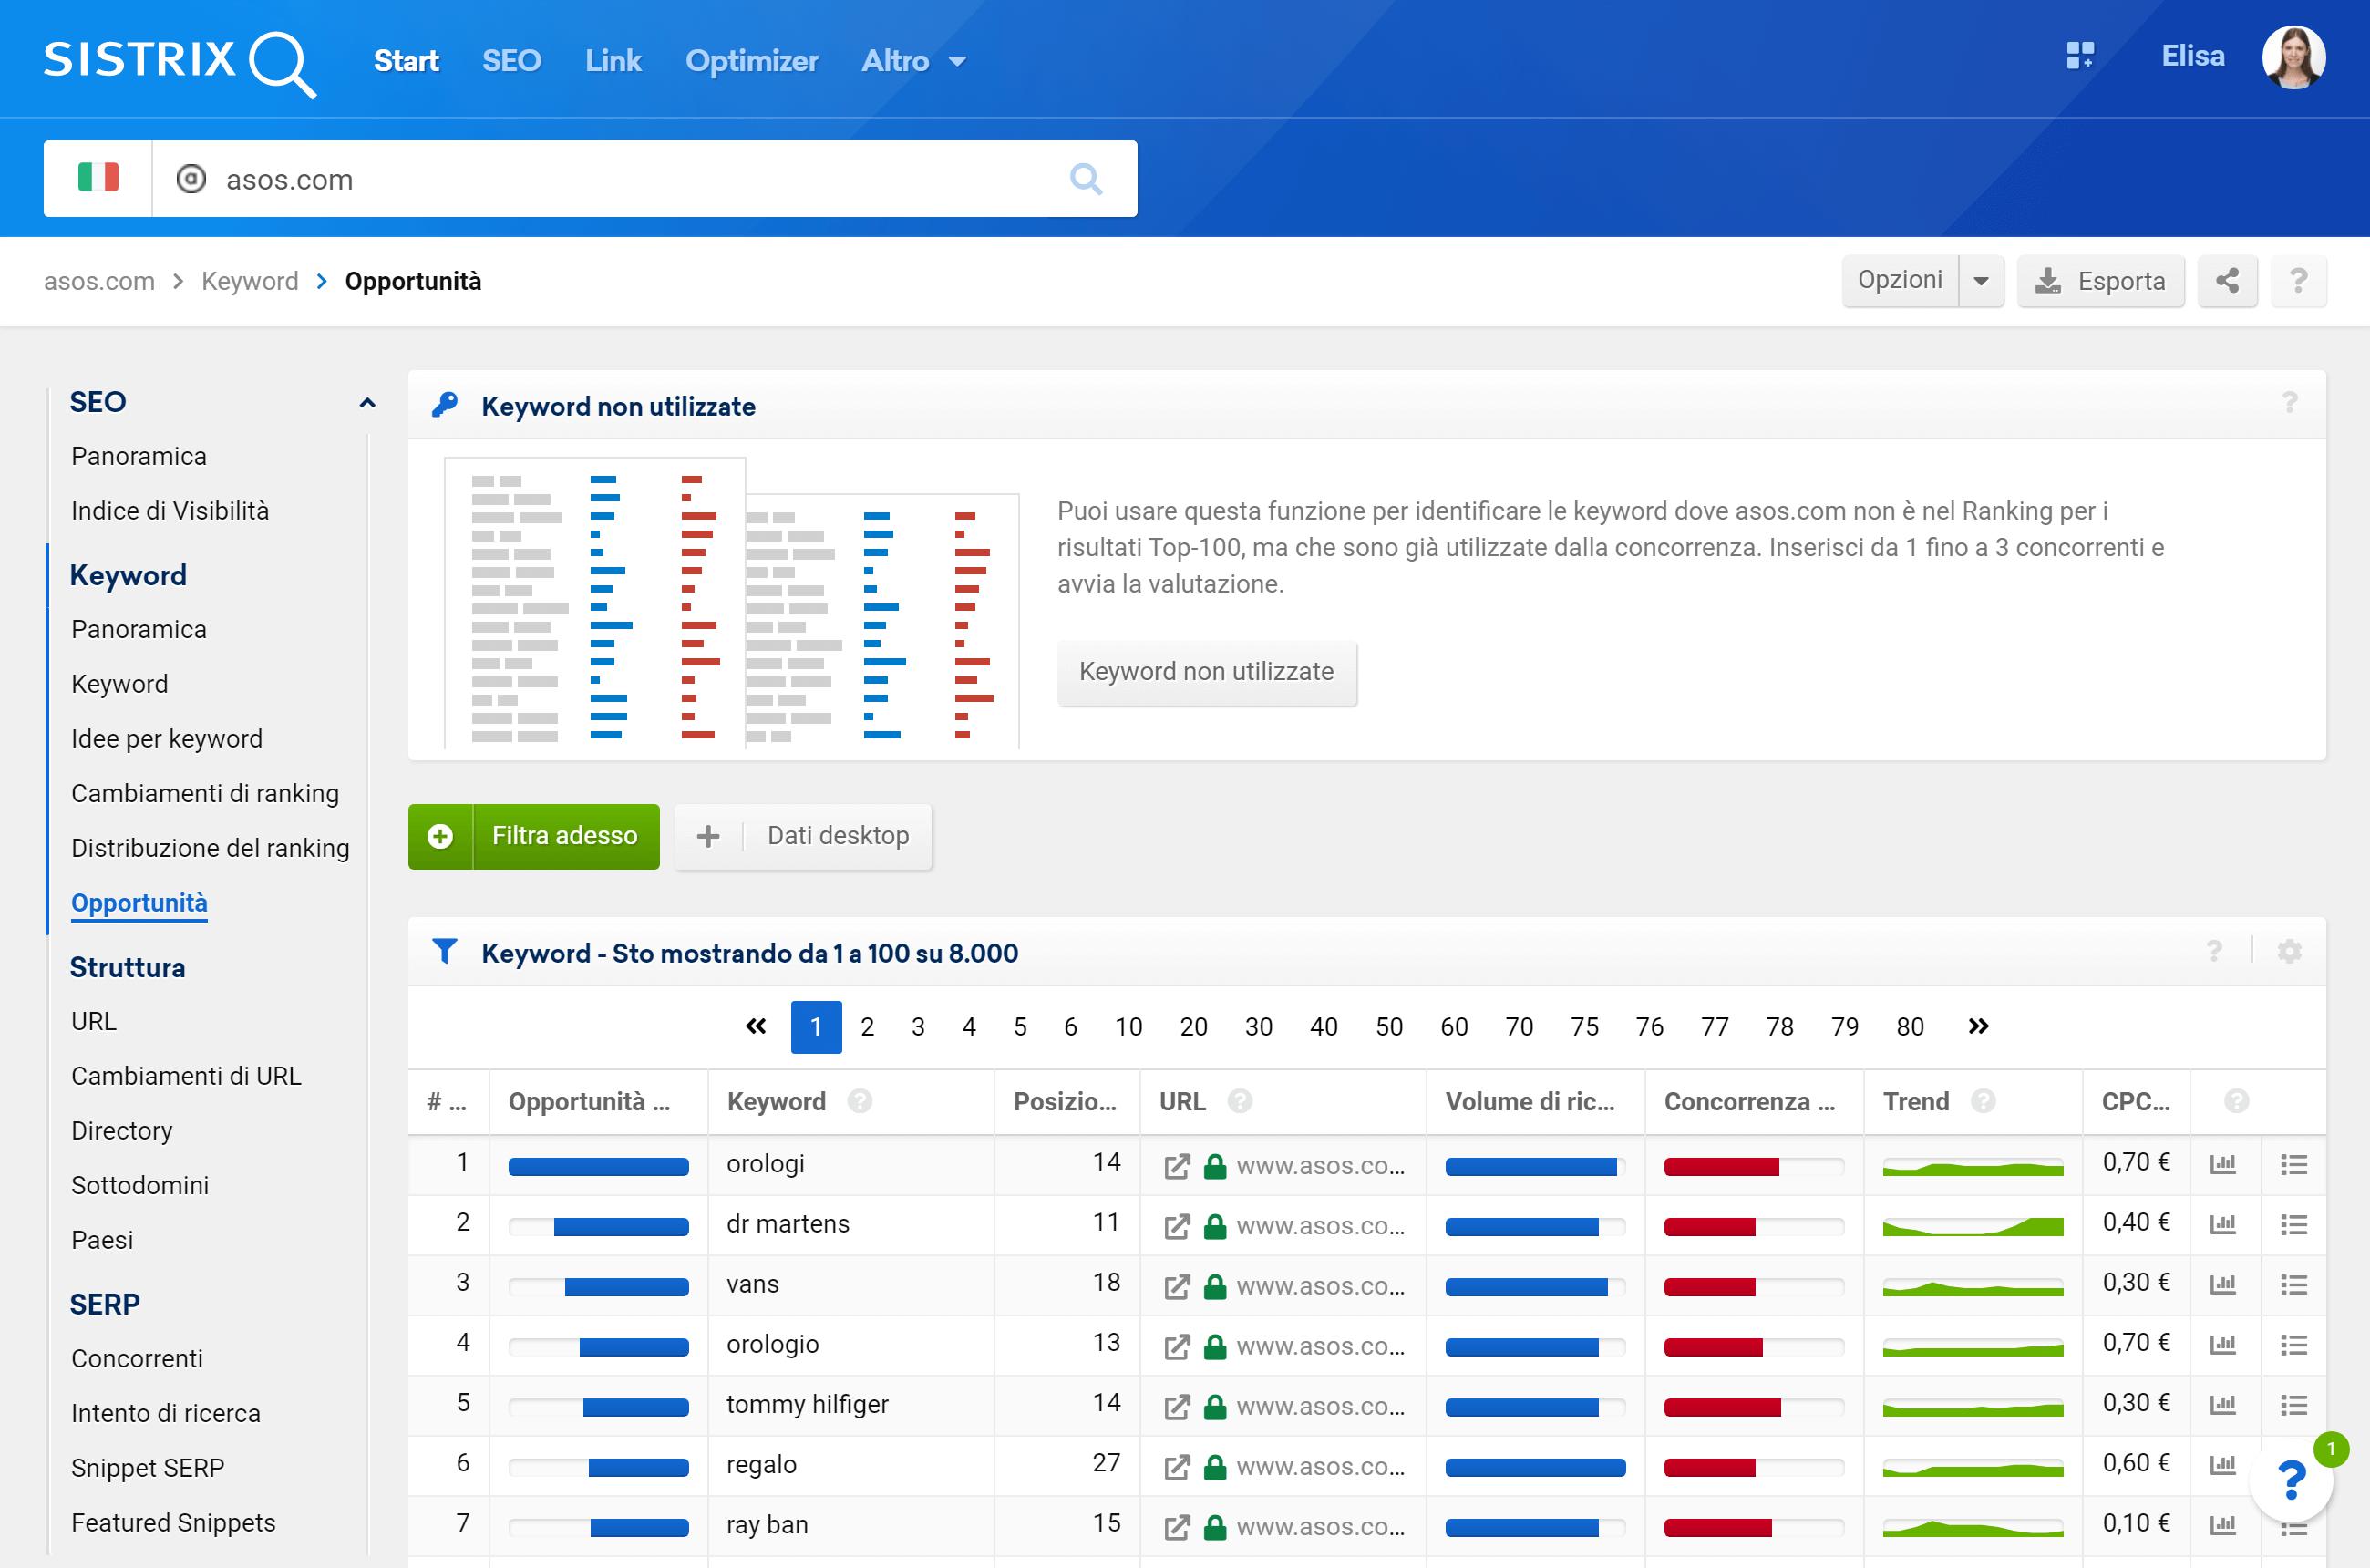 Sezione Opportunità per asos.com nel Toolbox SISTRIX